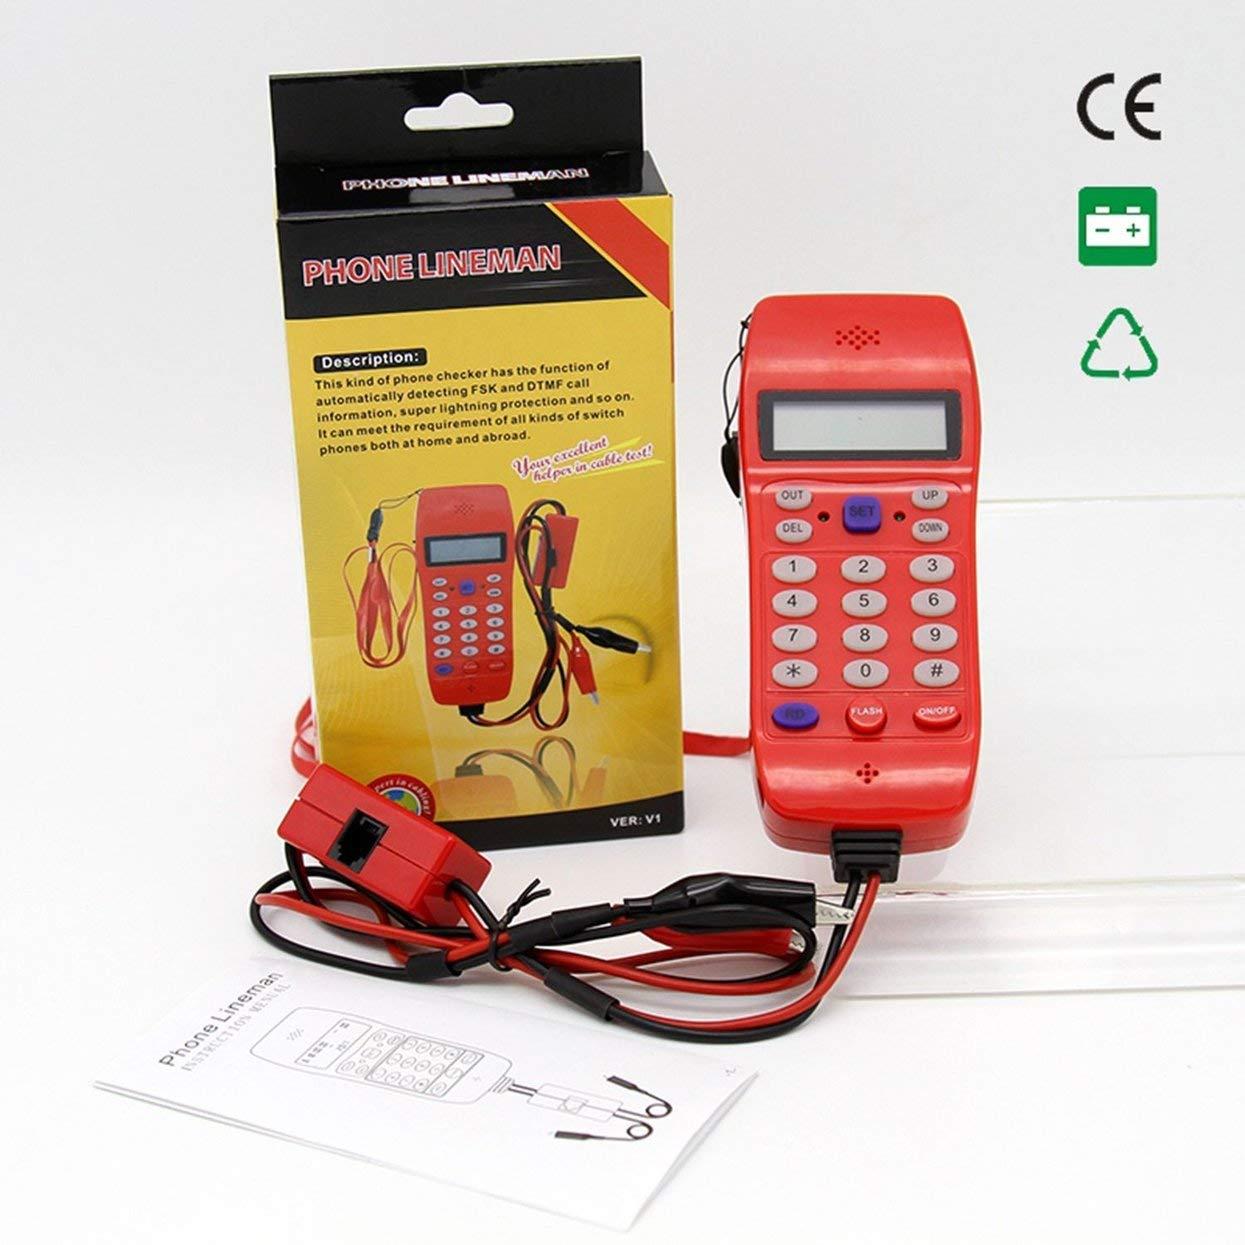 Tellaboull Tester Cavo Linea telefonica NF-866 con Display Tele Fibra Ottica Strumento di Verifica DTMF ID chiamante Rilevamento Automatico Macchina di Ricerca